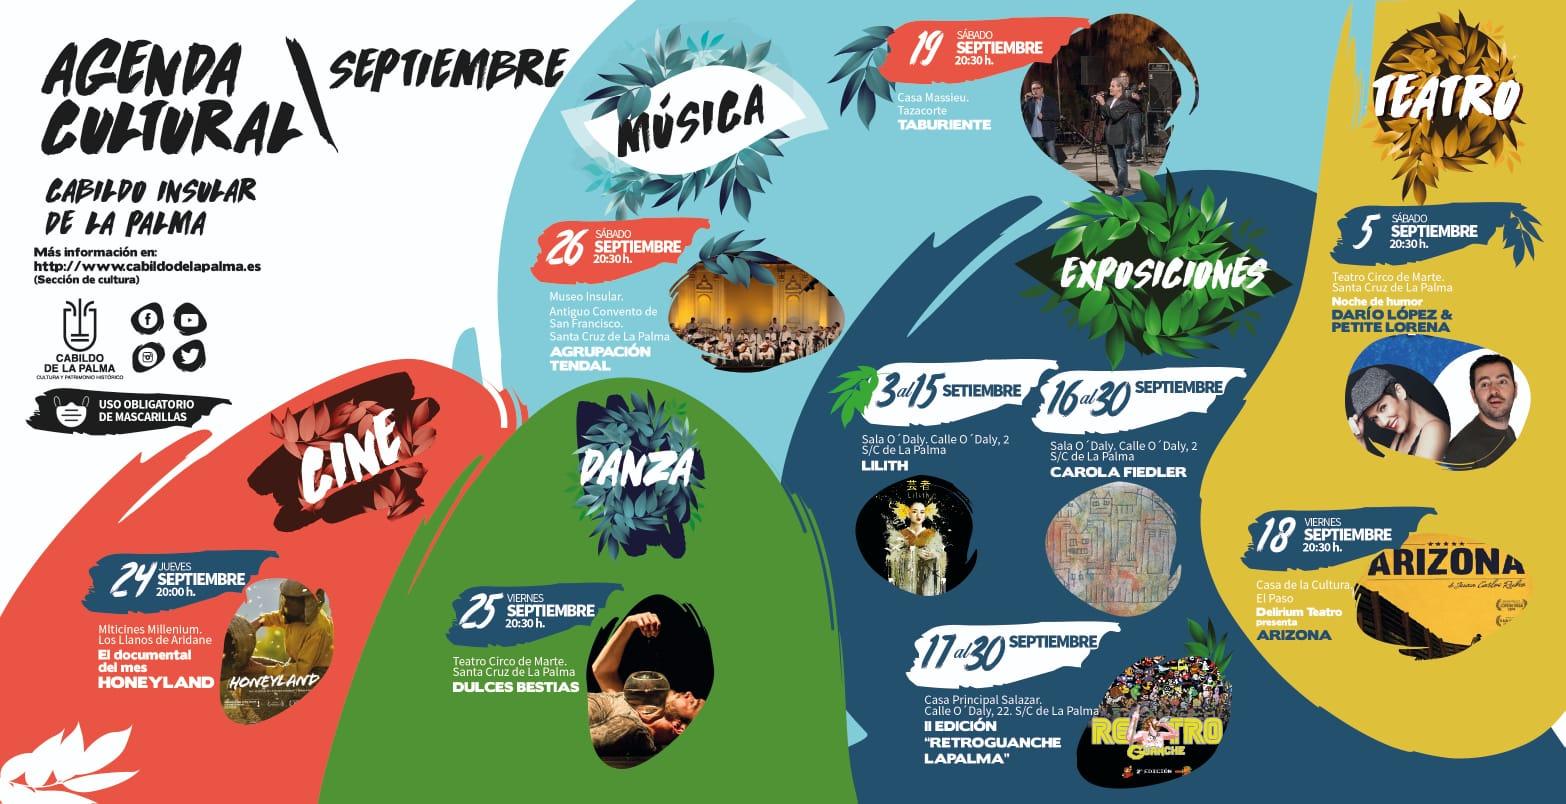 agenda-cultural-cabildo-septiembre-2020